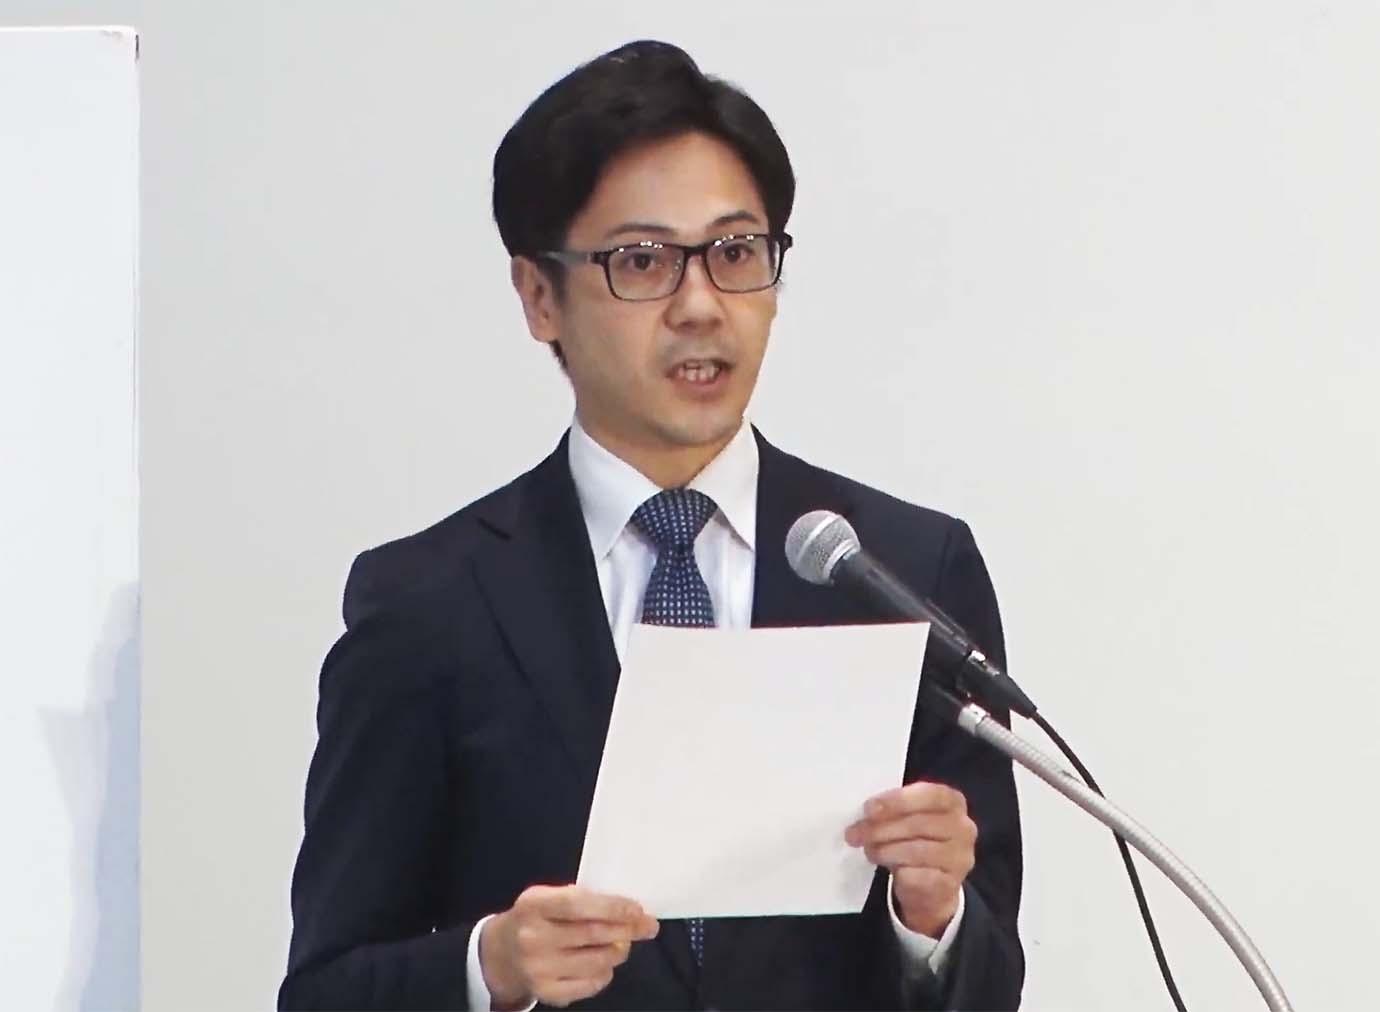 yoshimoto-kaiken1